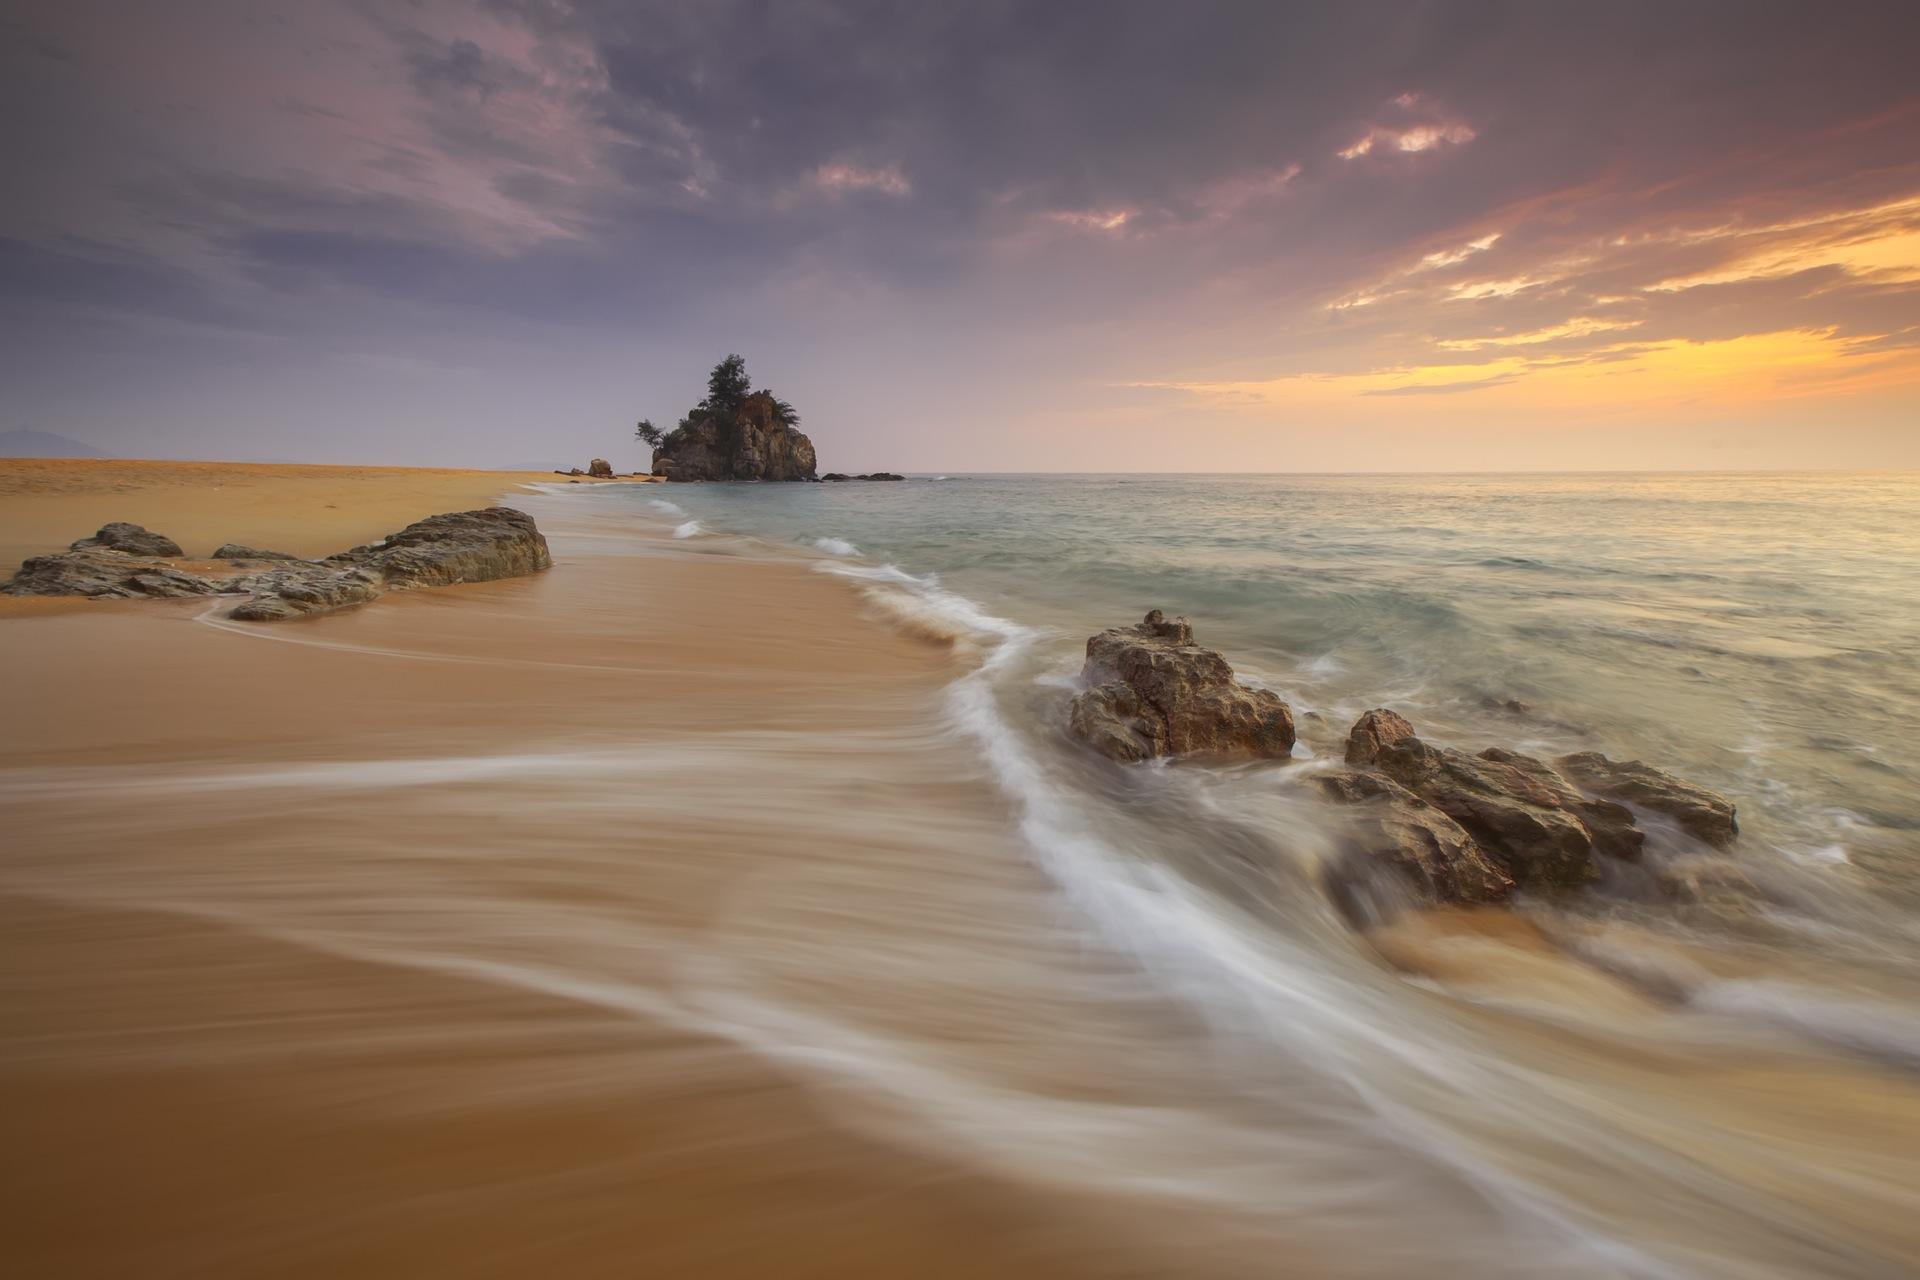 Plage, Rocas, sable, vagues, kemasik, Mer, Coucher de soleil - Fonds d'écran HD - Professor-falken.com